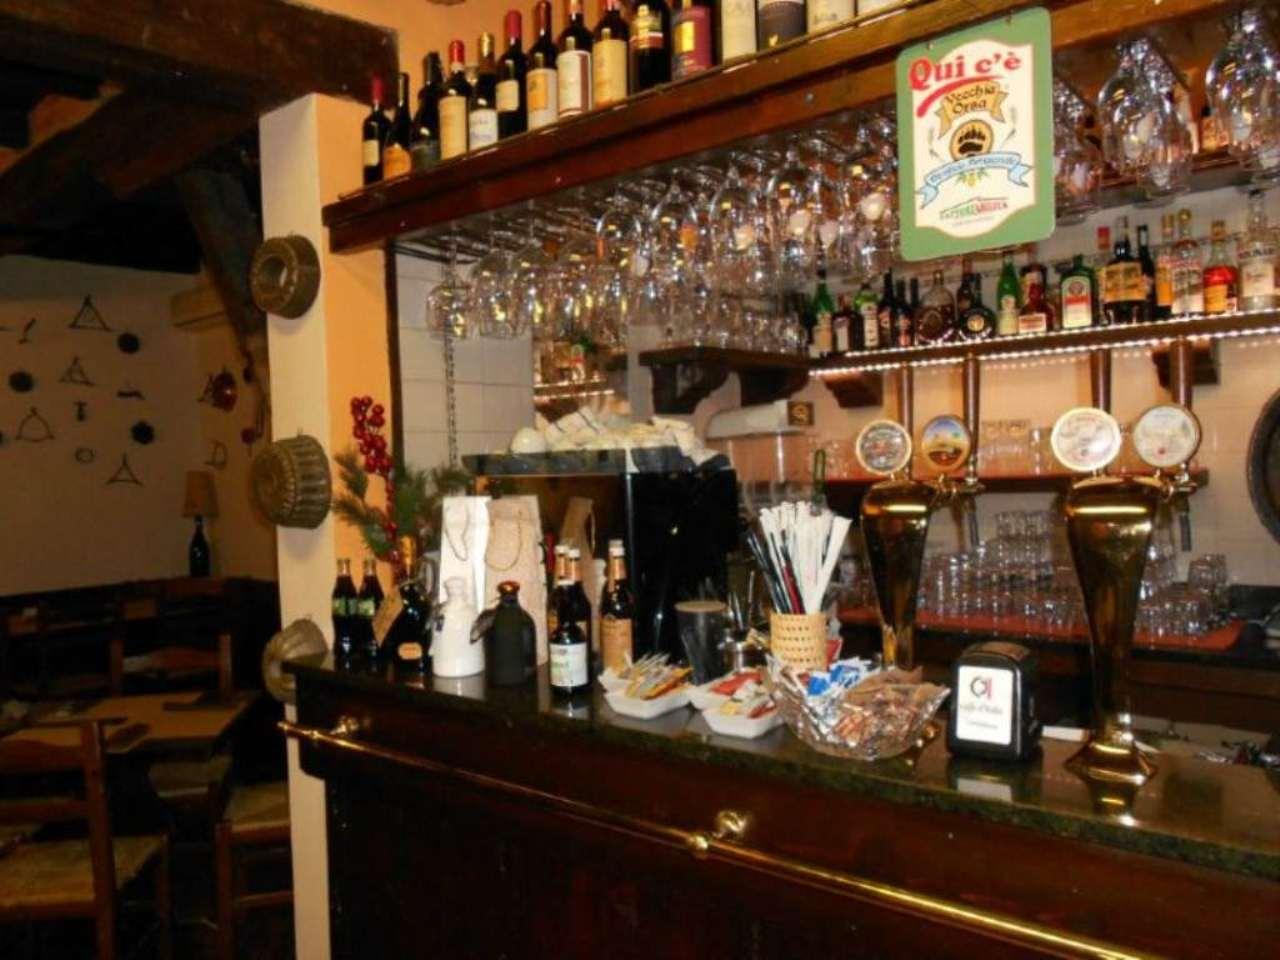 Ristorante / Pizzeria / Trattoria in Vendita a Castelfranco Emilia